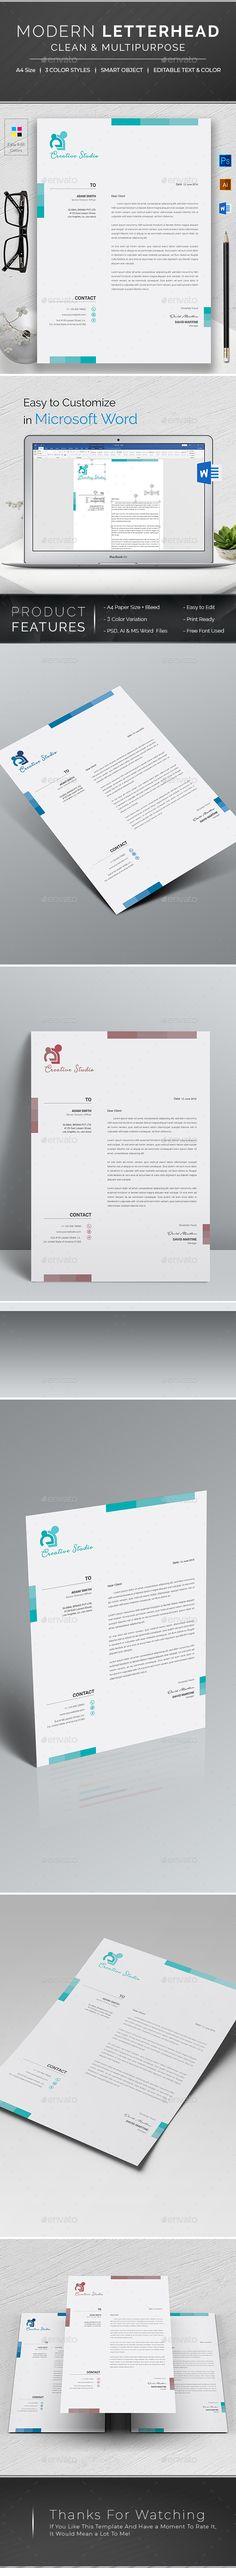 24 best Design images on Pinterest Booklet layout, Brochure design